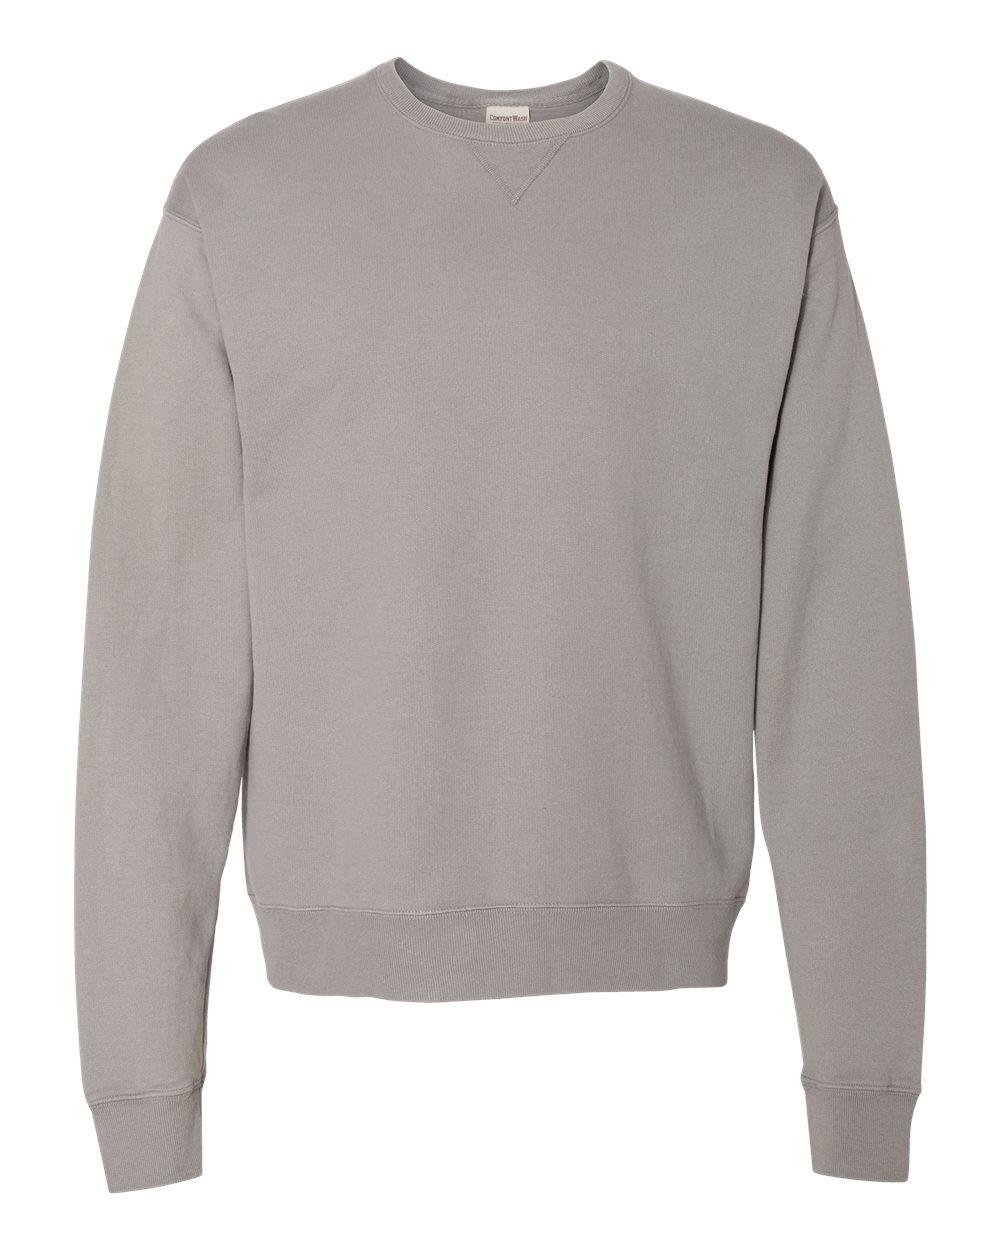 Queen The Works Hanes Unisex Crewneck Sweatshirt